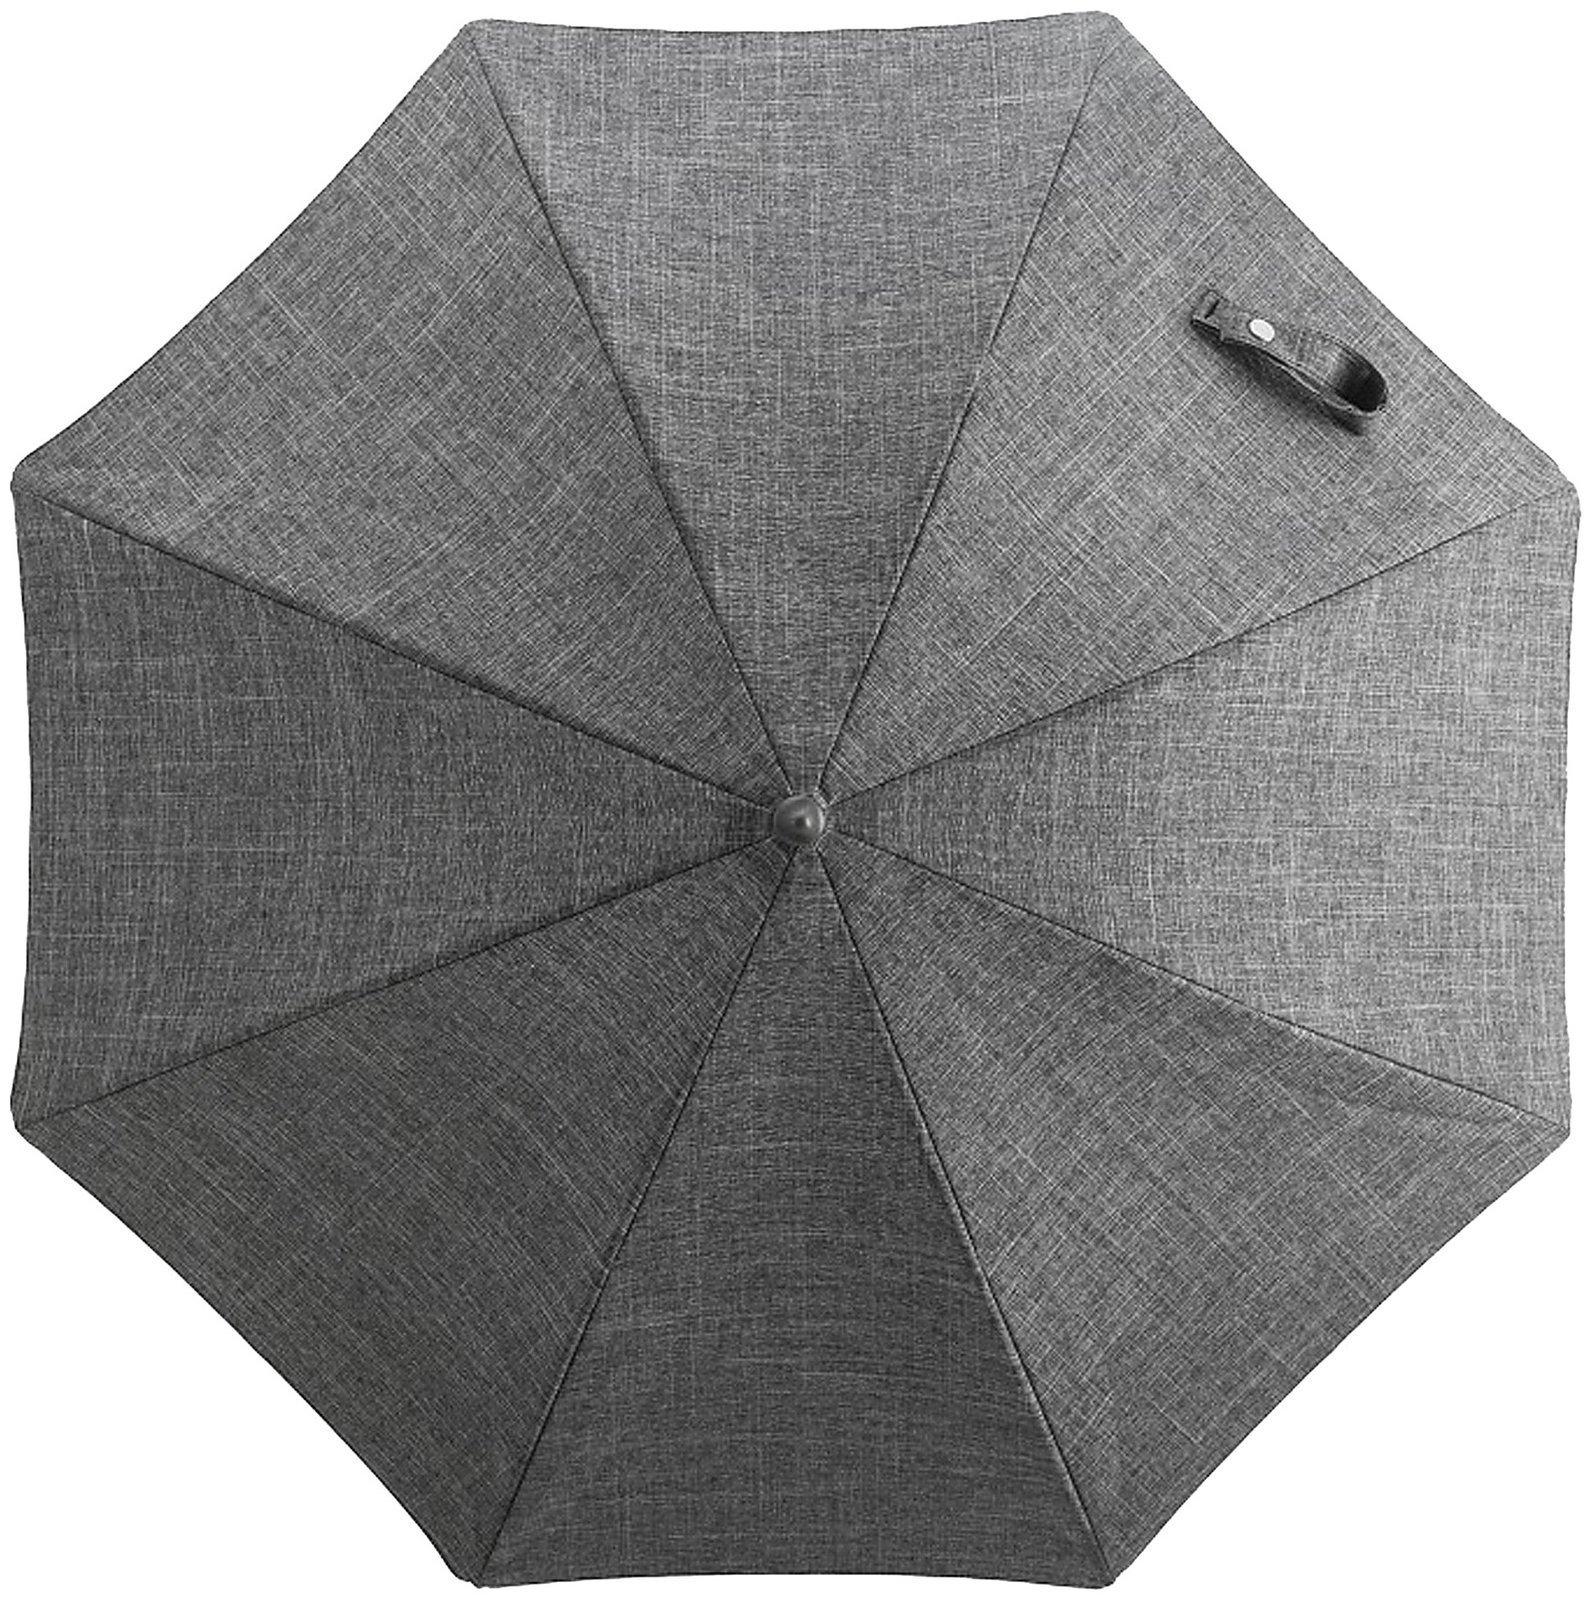 Stokke Parasol - Black Melange